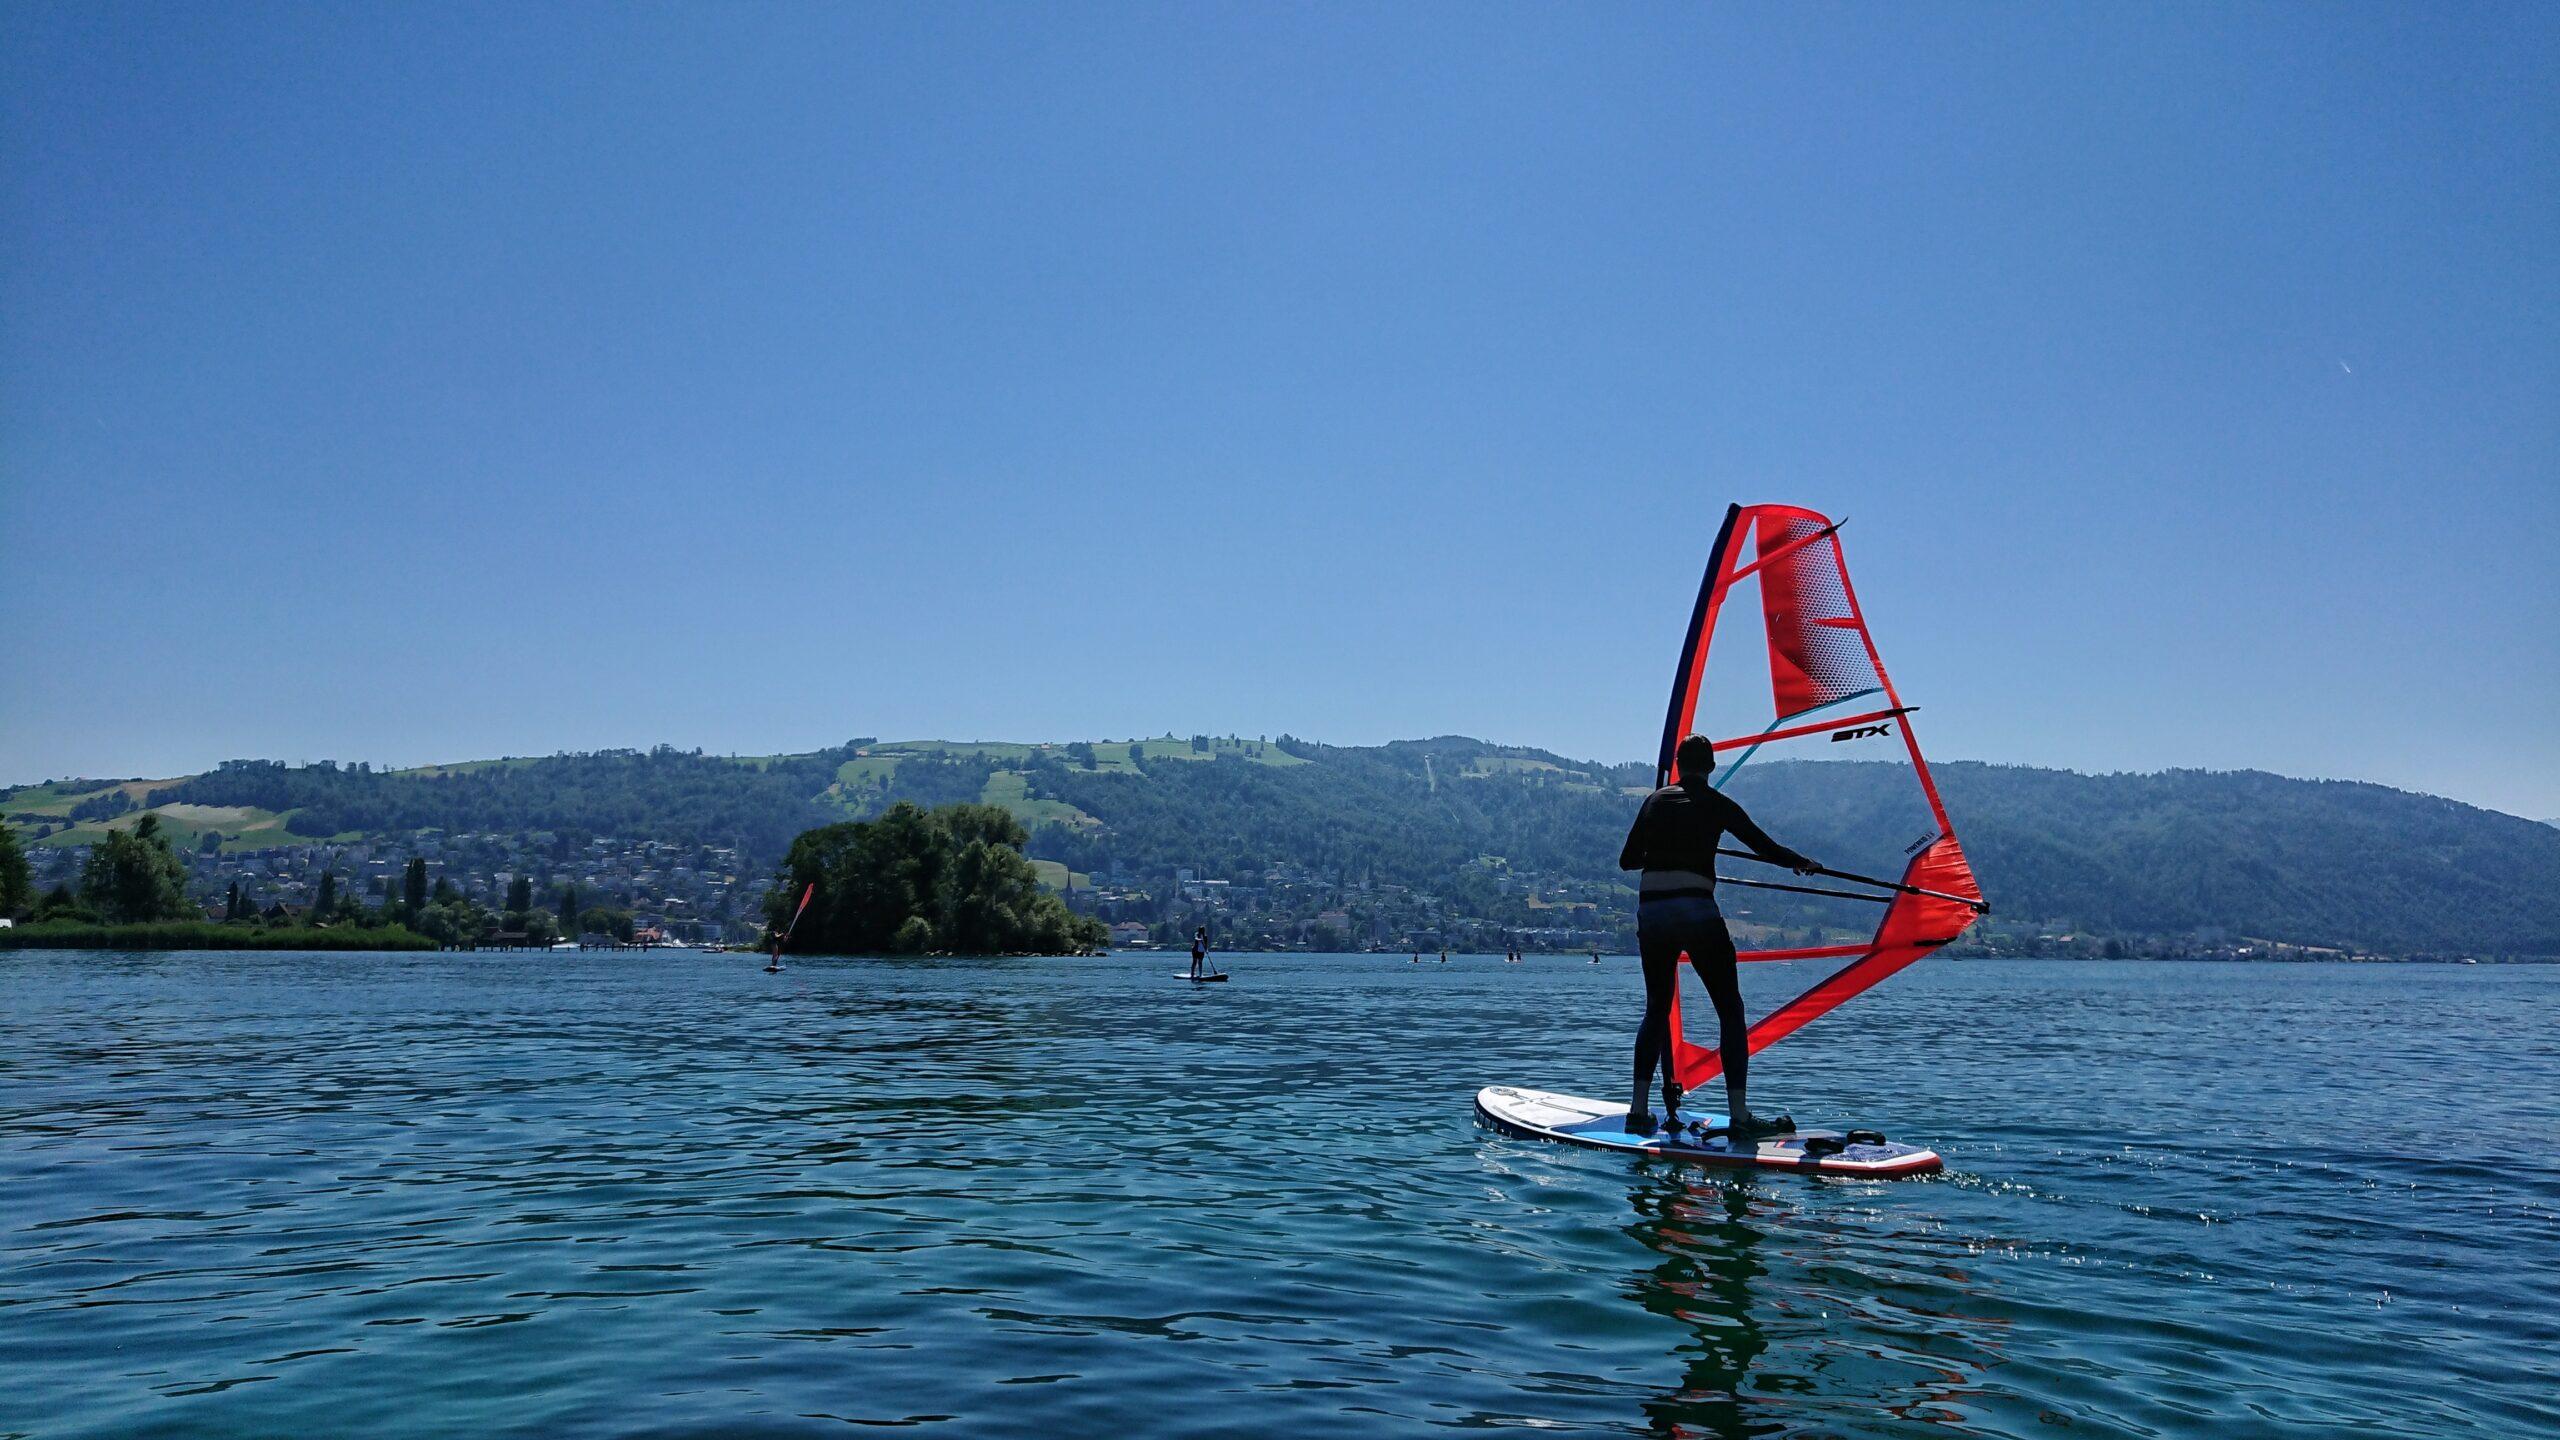 Windsurfing - Learn 2 Windsurf Weekend